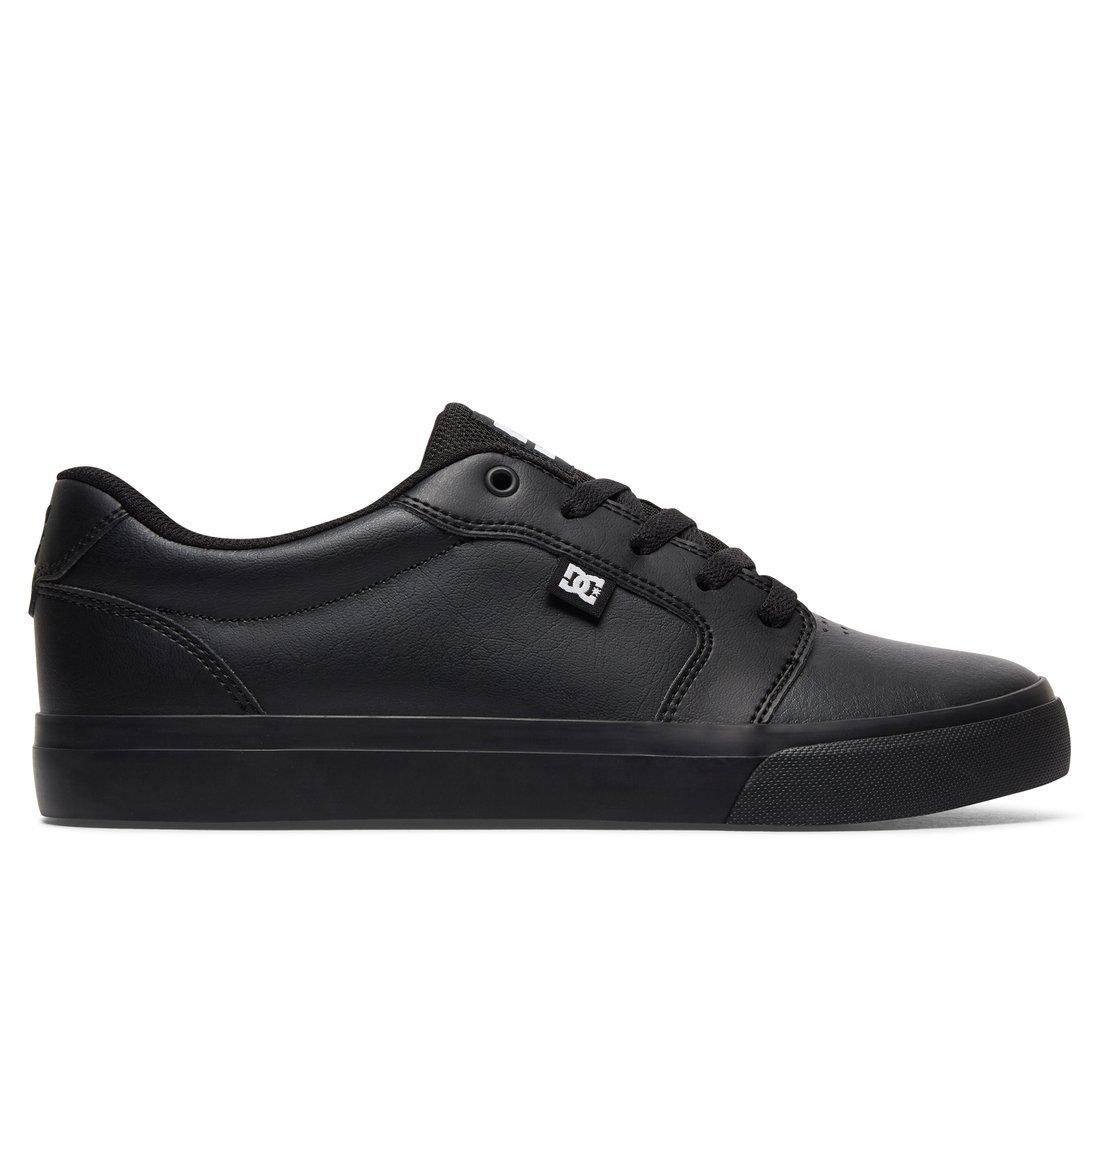 DC Shoes Mens Shoes Anvil Se Shoes for Men Adys300147